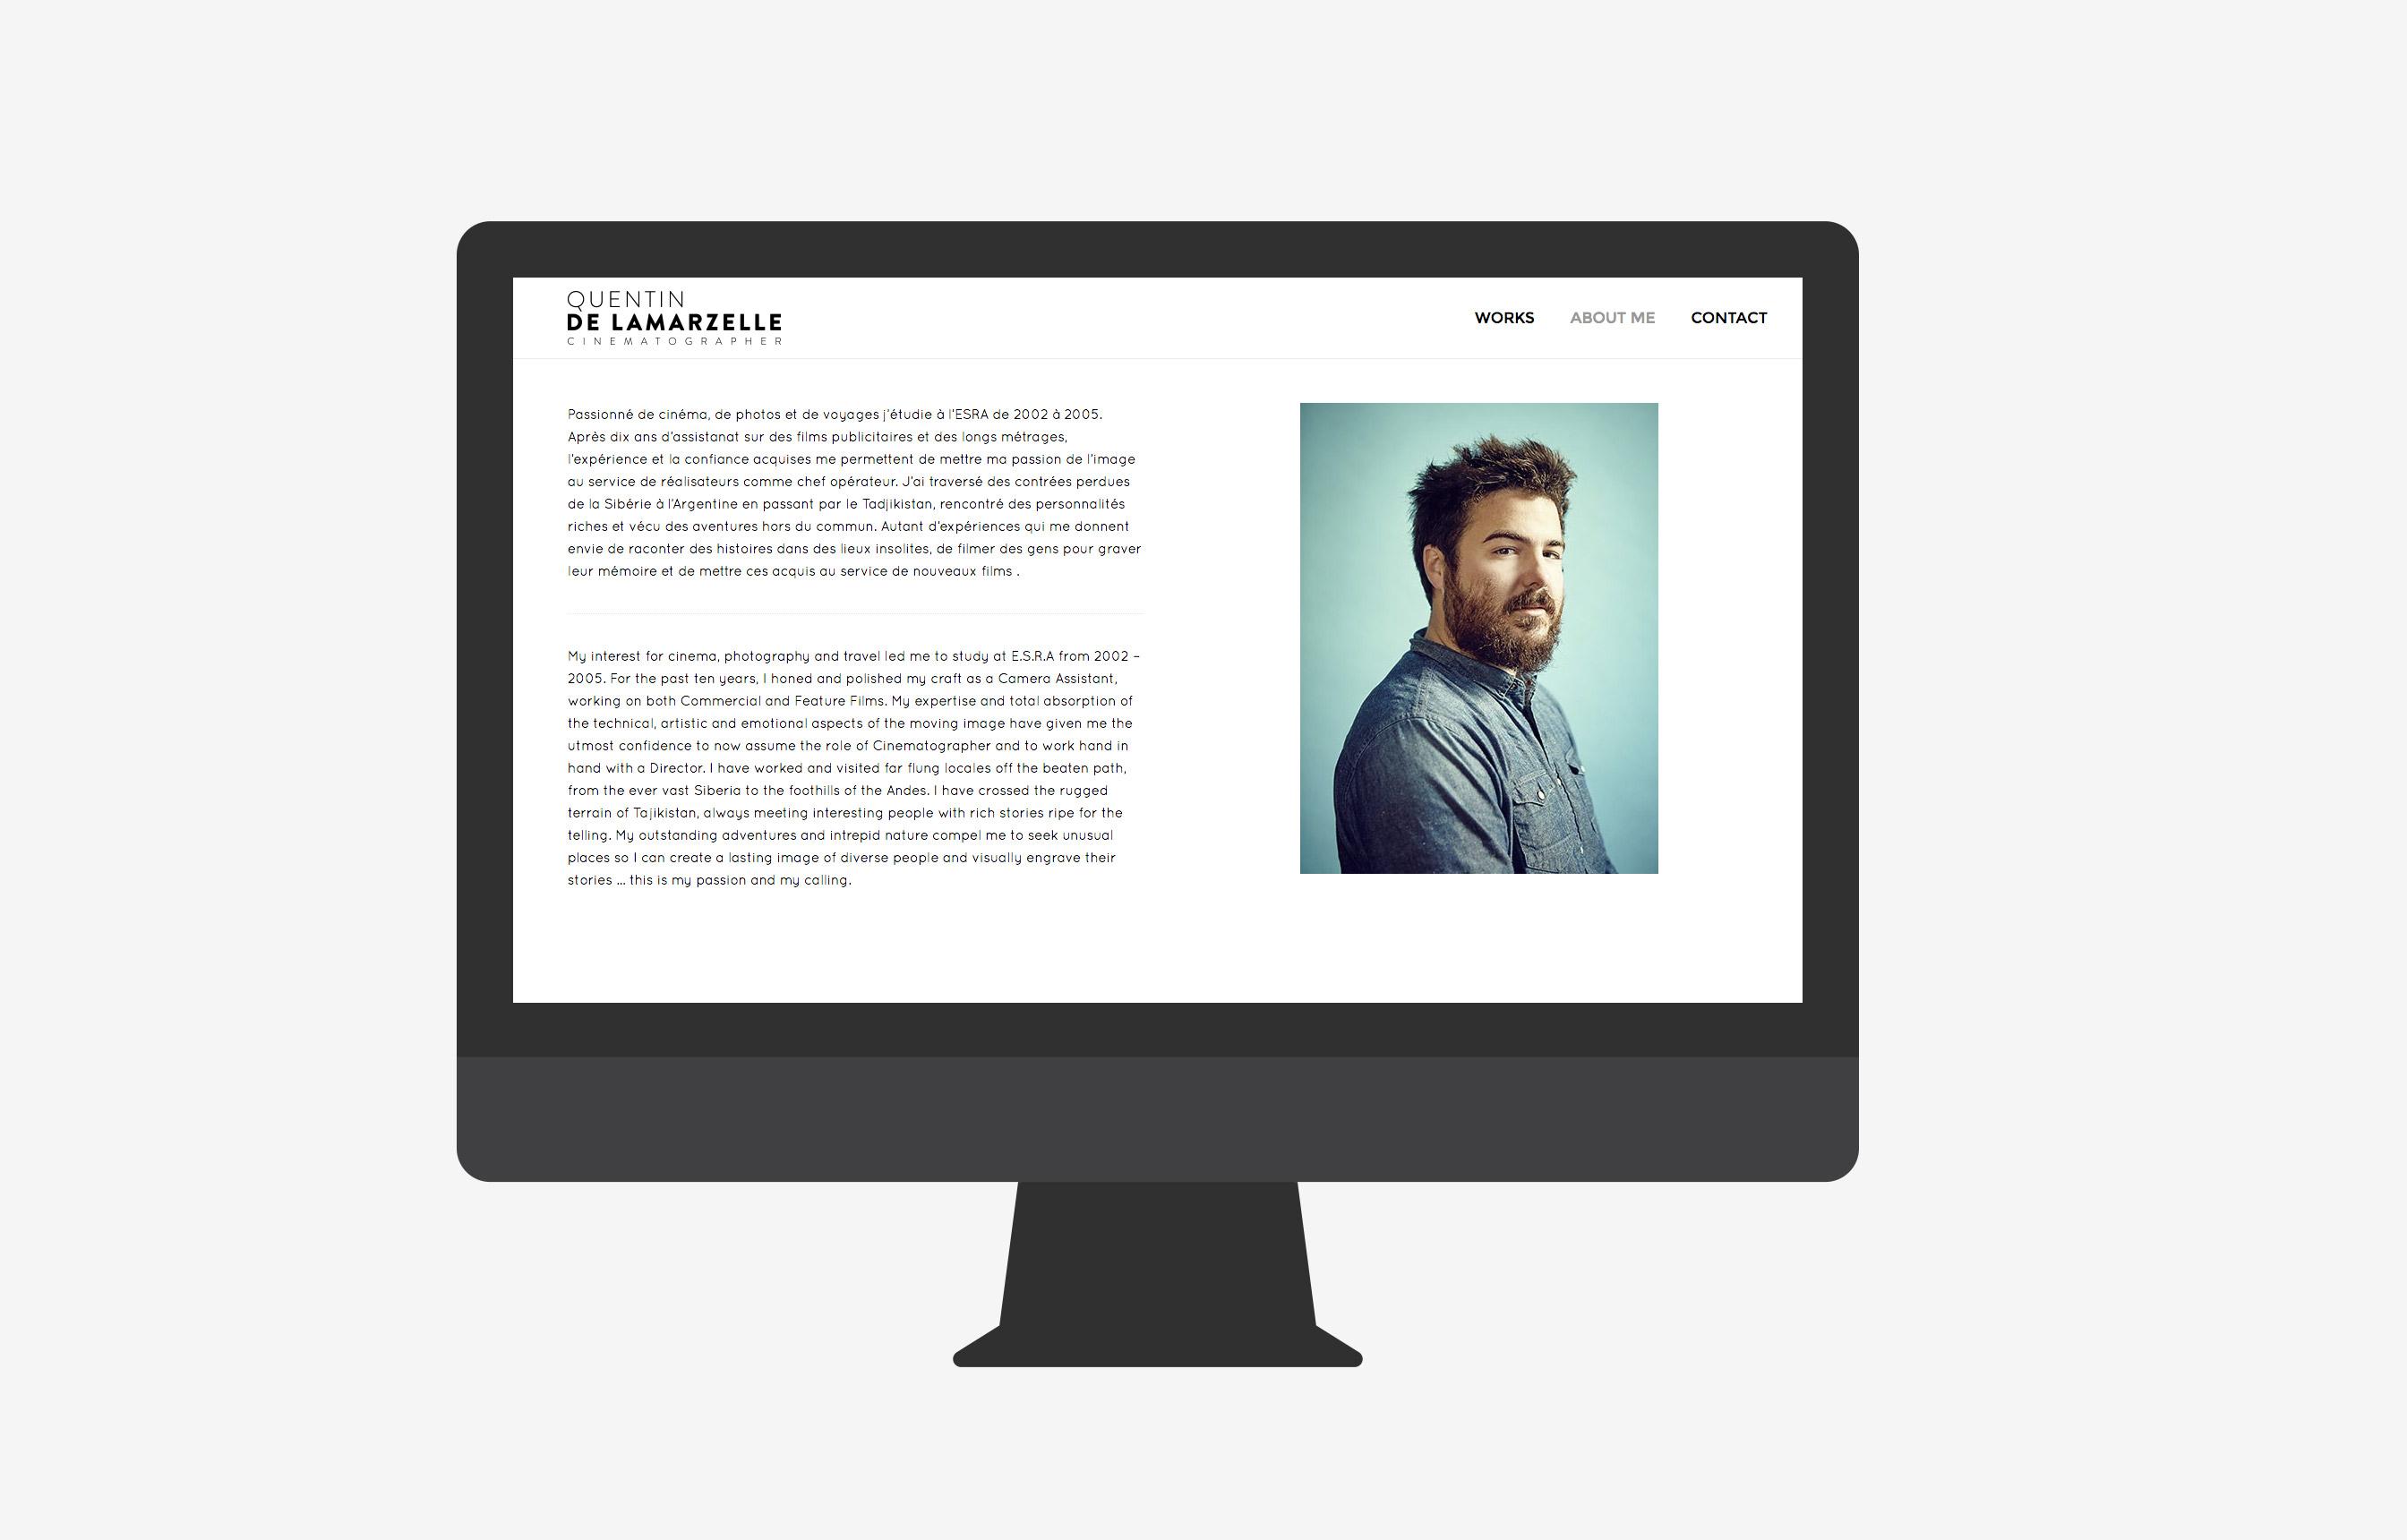 06-quentin-de-lamarzelle-pikteo-webdesign-graphic-design-freelance-paris-bruxelles-londres